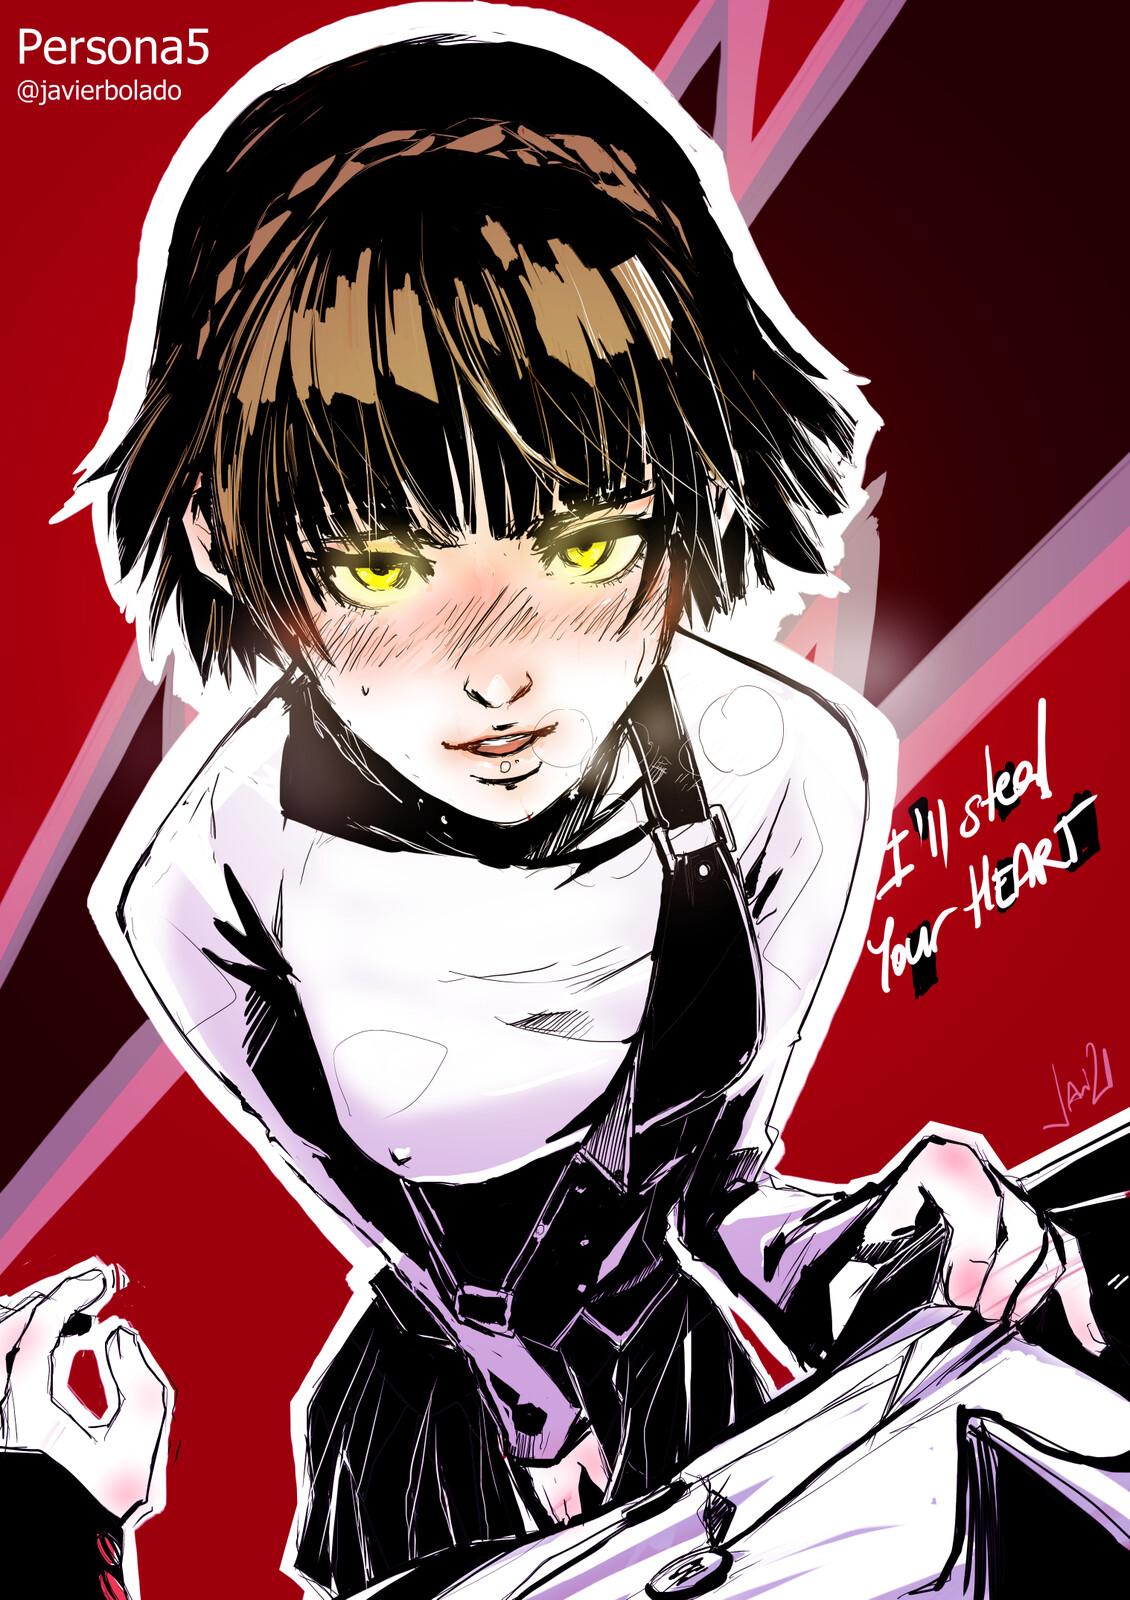 Makoto P5 私はあなたの心を盗みます